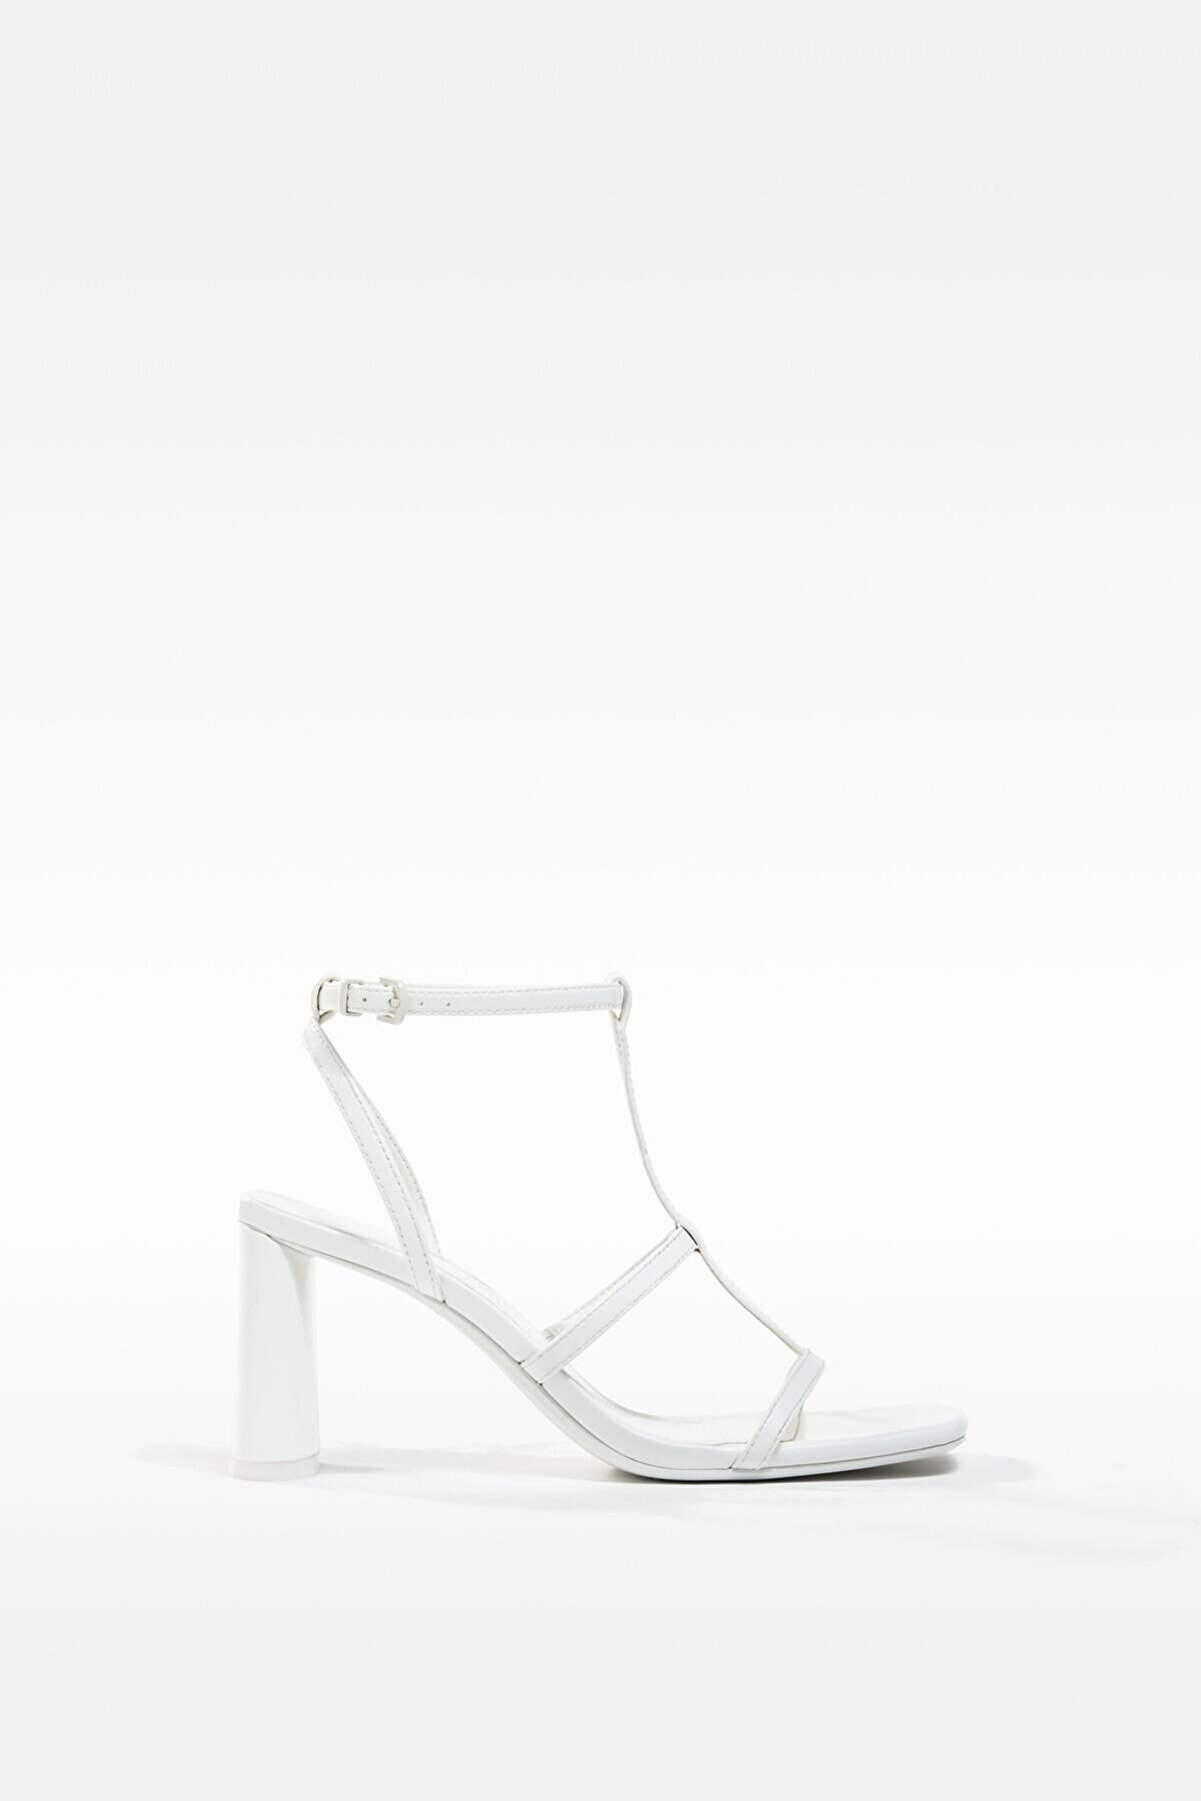 Bershka Kadın Beyaz Bilekten Bağlamalı Topuklu İnce Bantlı Sandalet 11708760